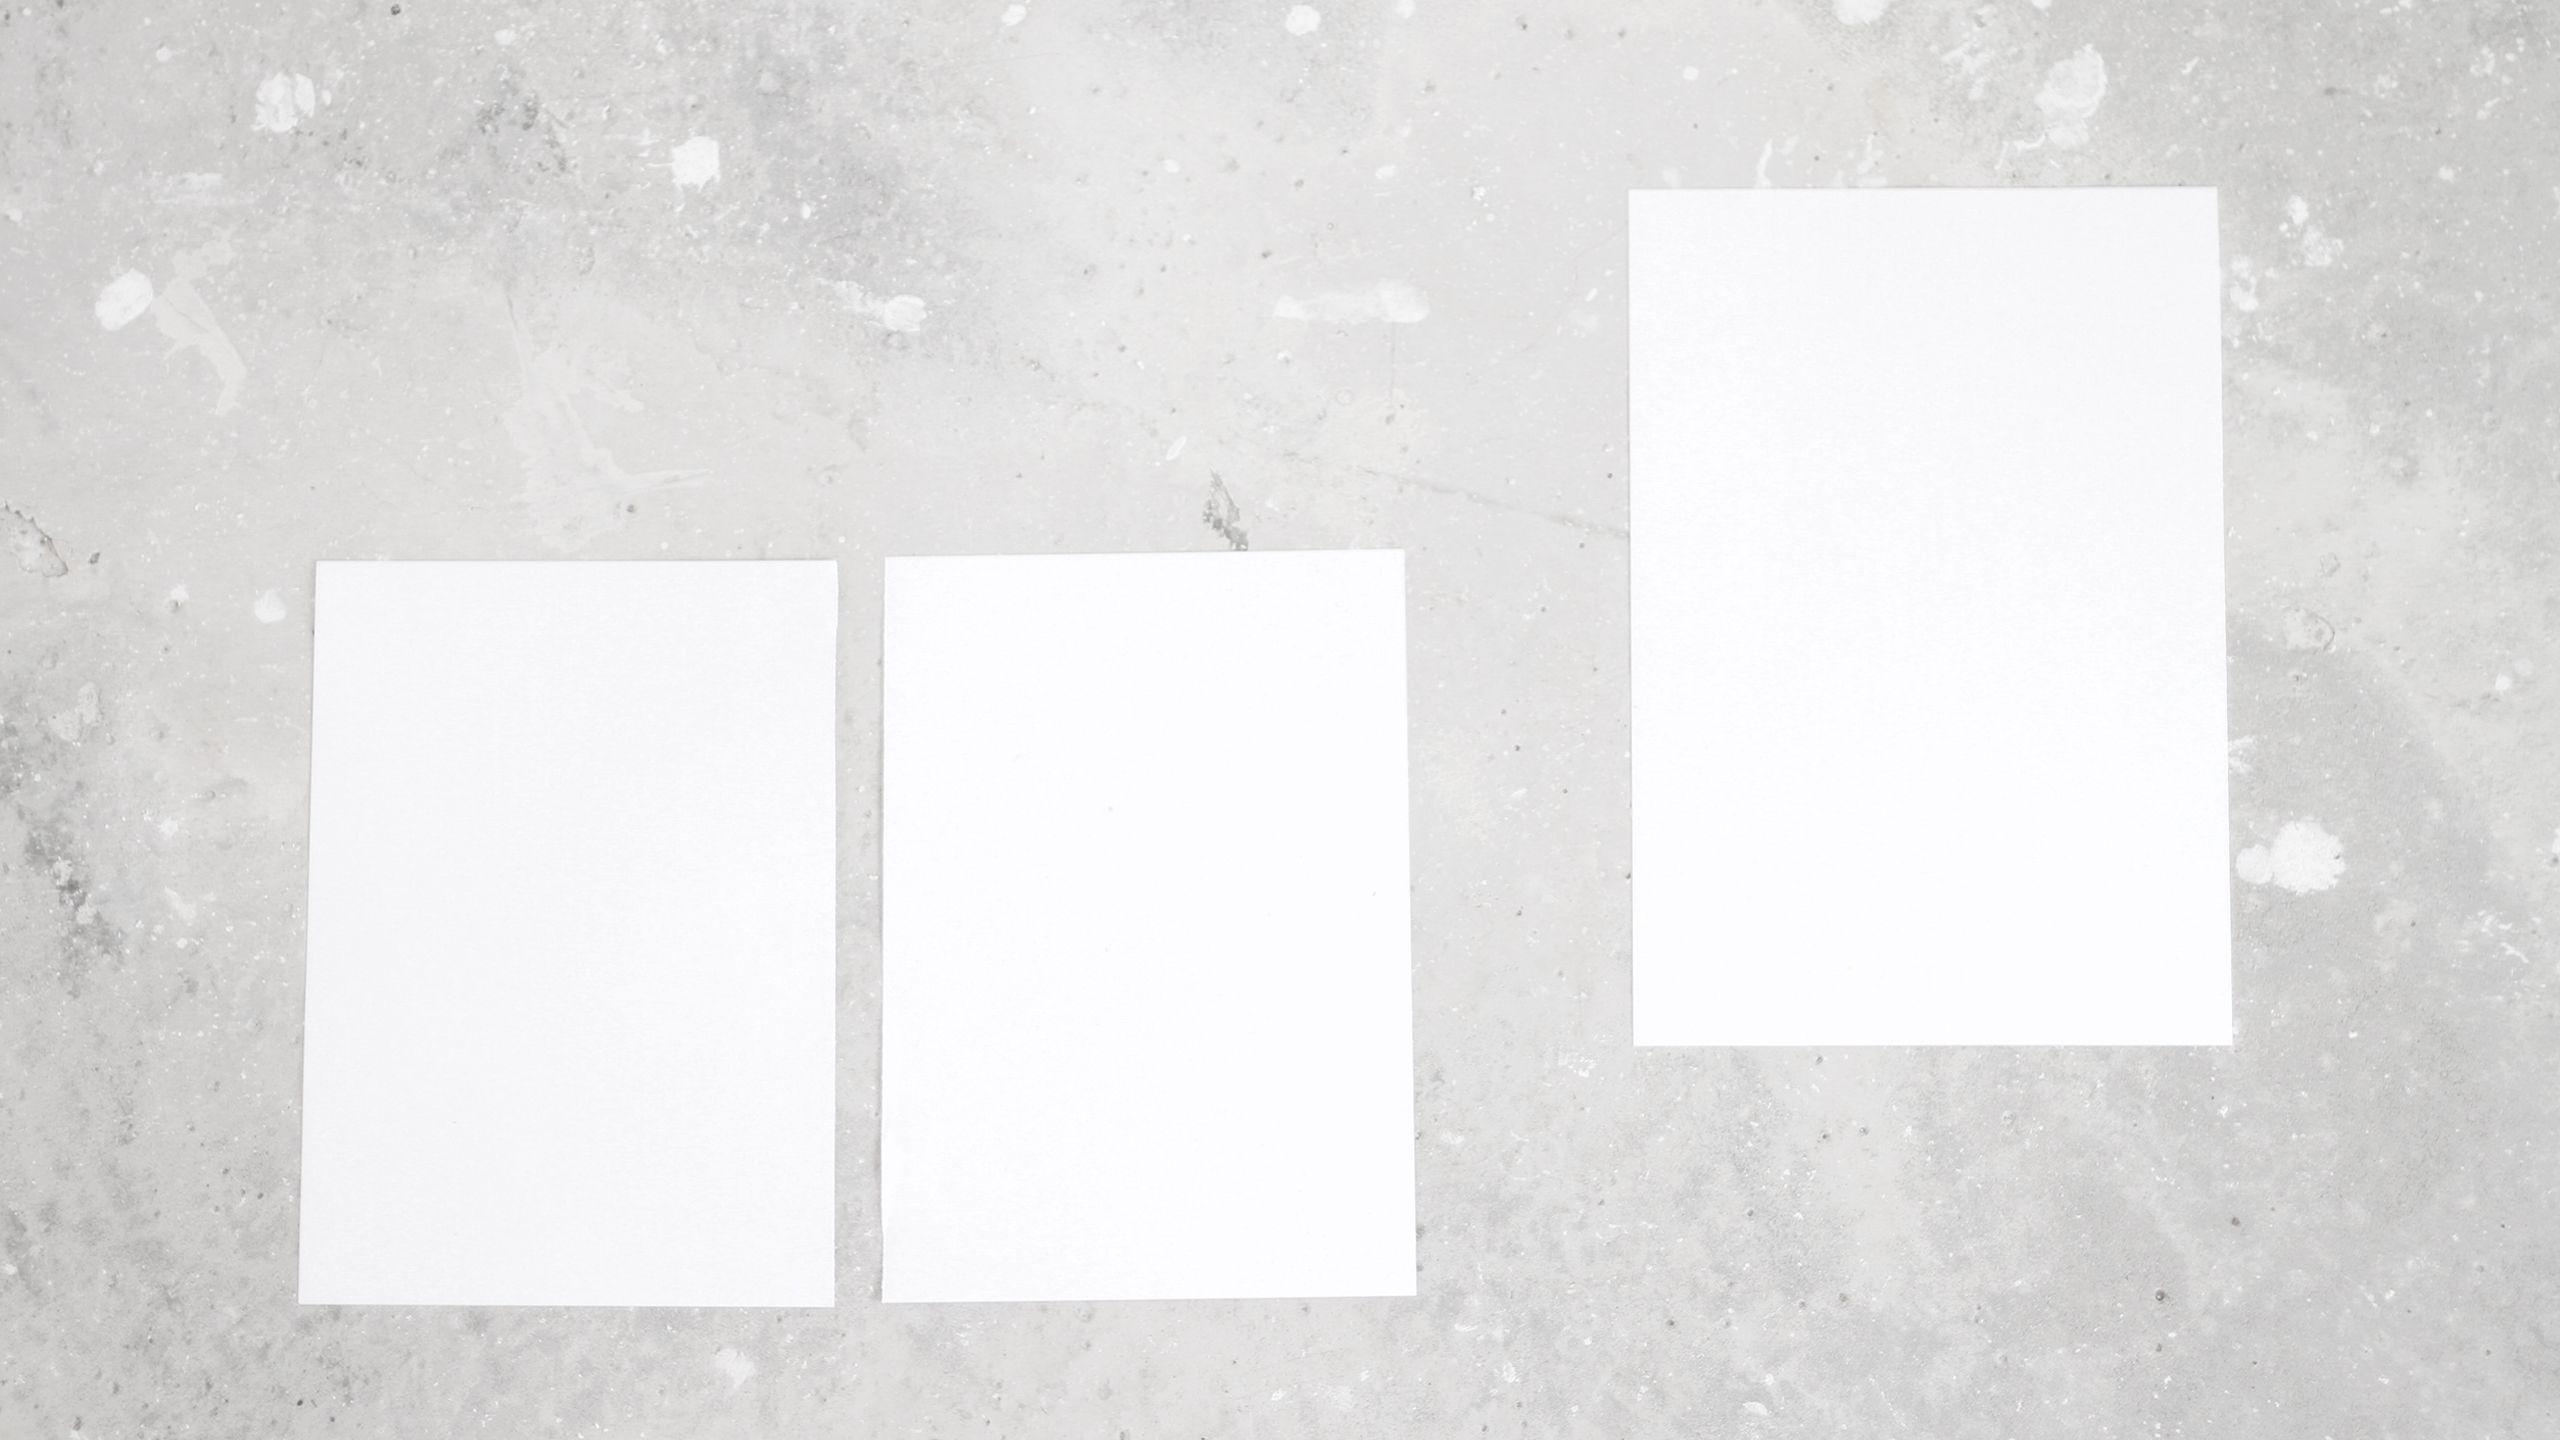 Hình nền máy tính xách tay thẩm mỹ màu trắng 2560x1440